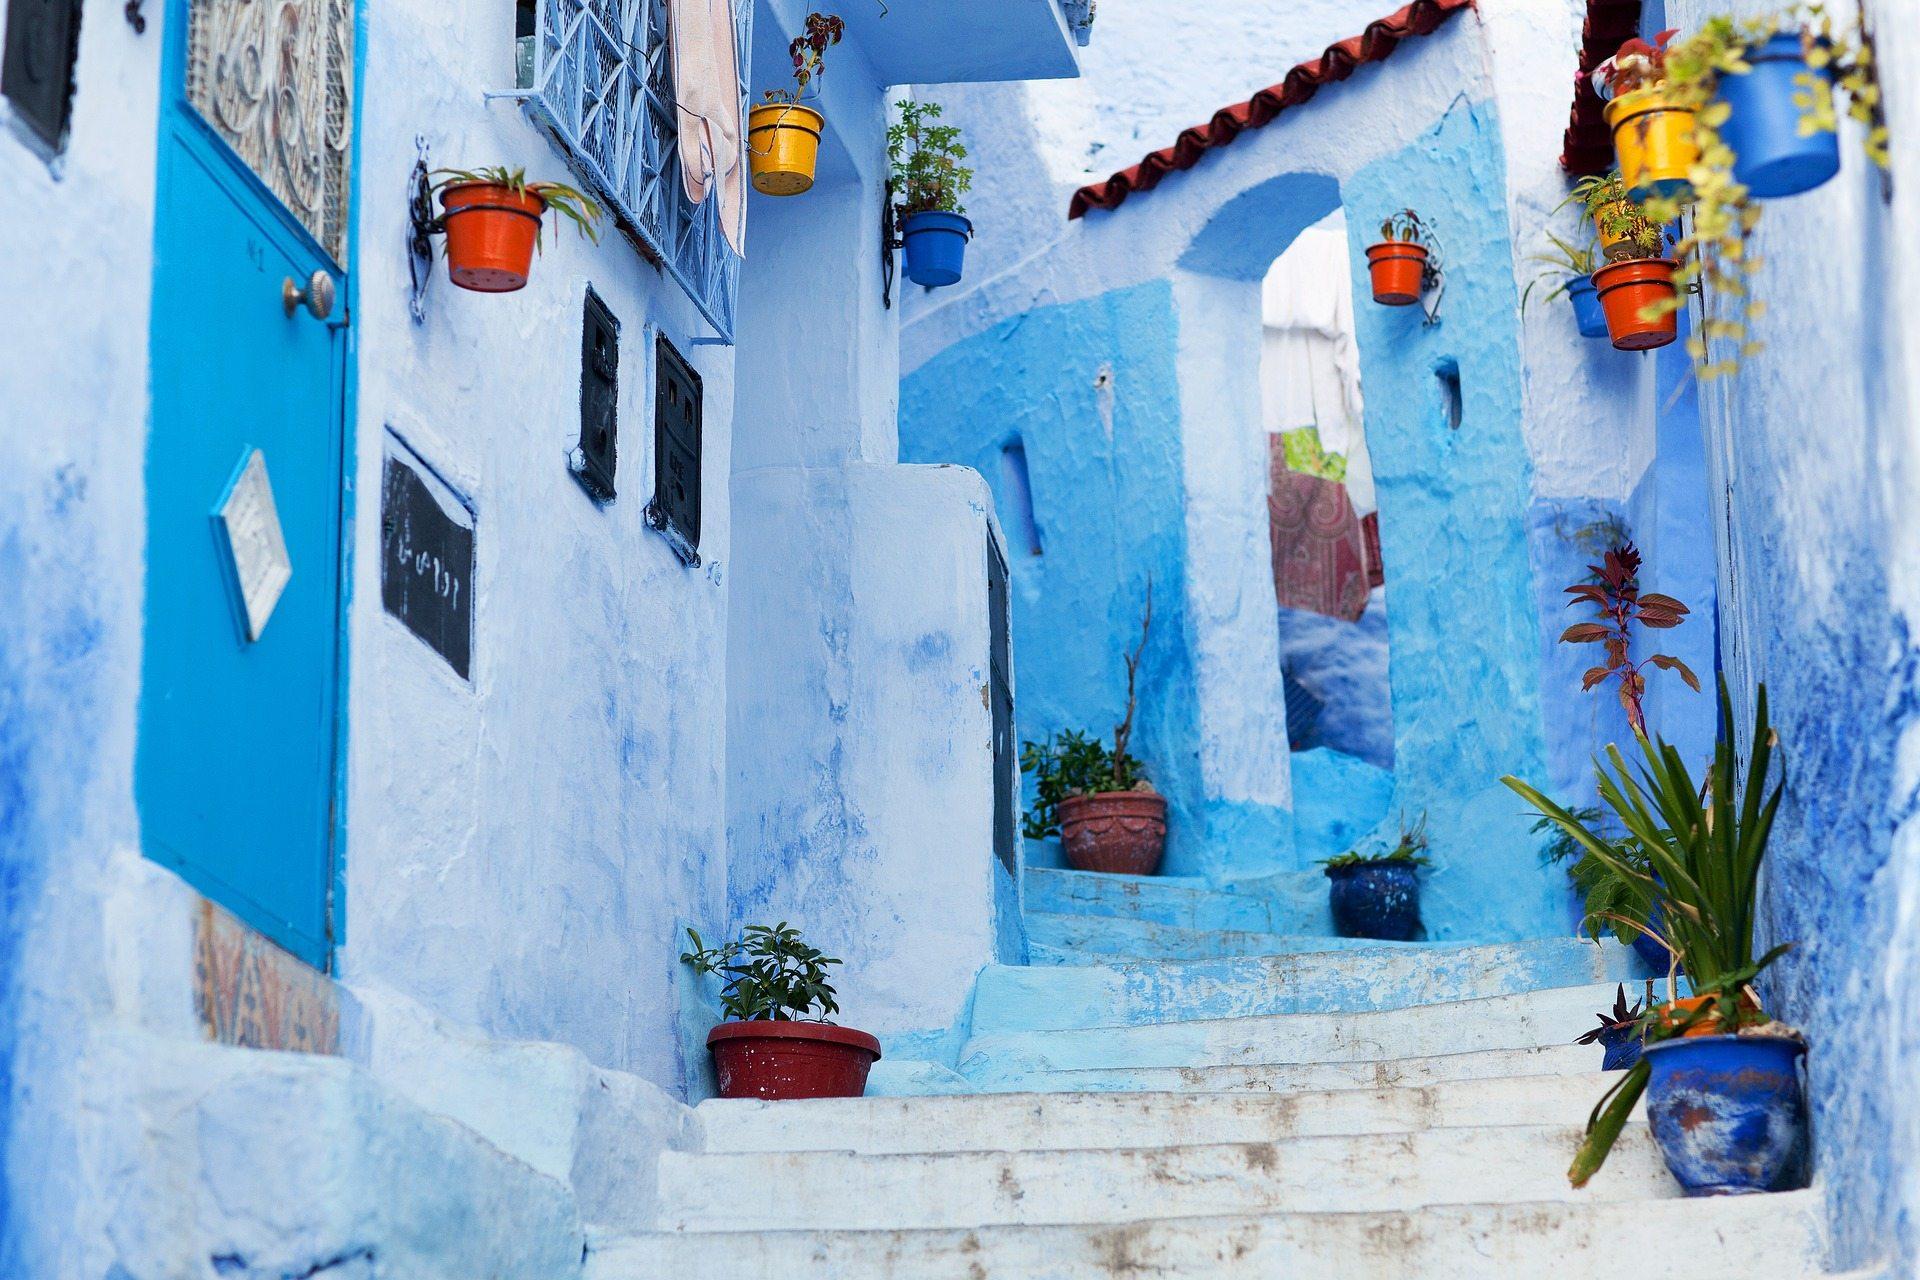 Las calles más bellas del mundo salidas directamente de un sueño